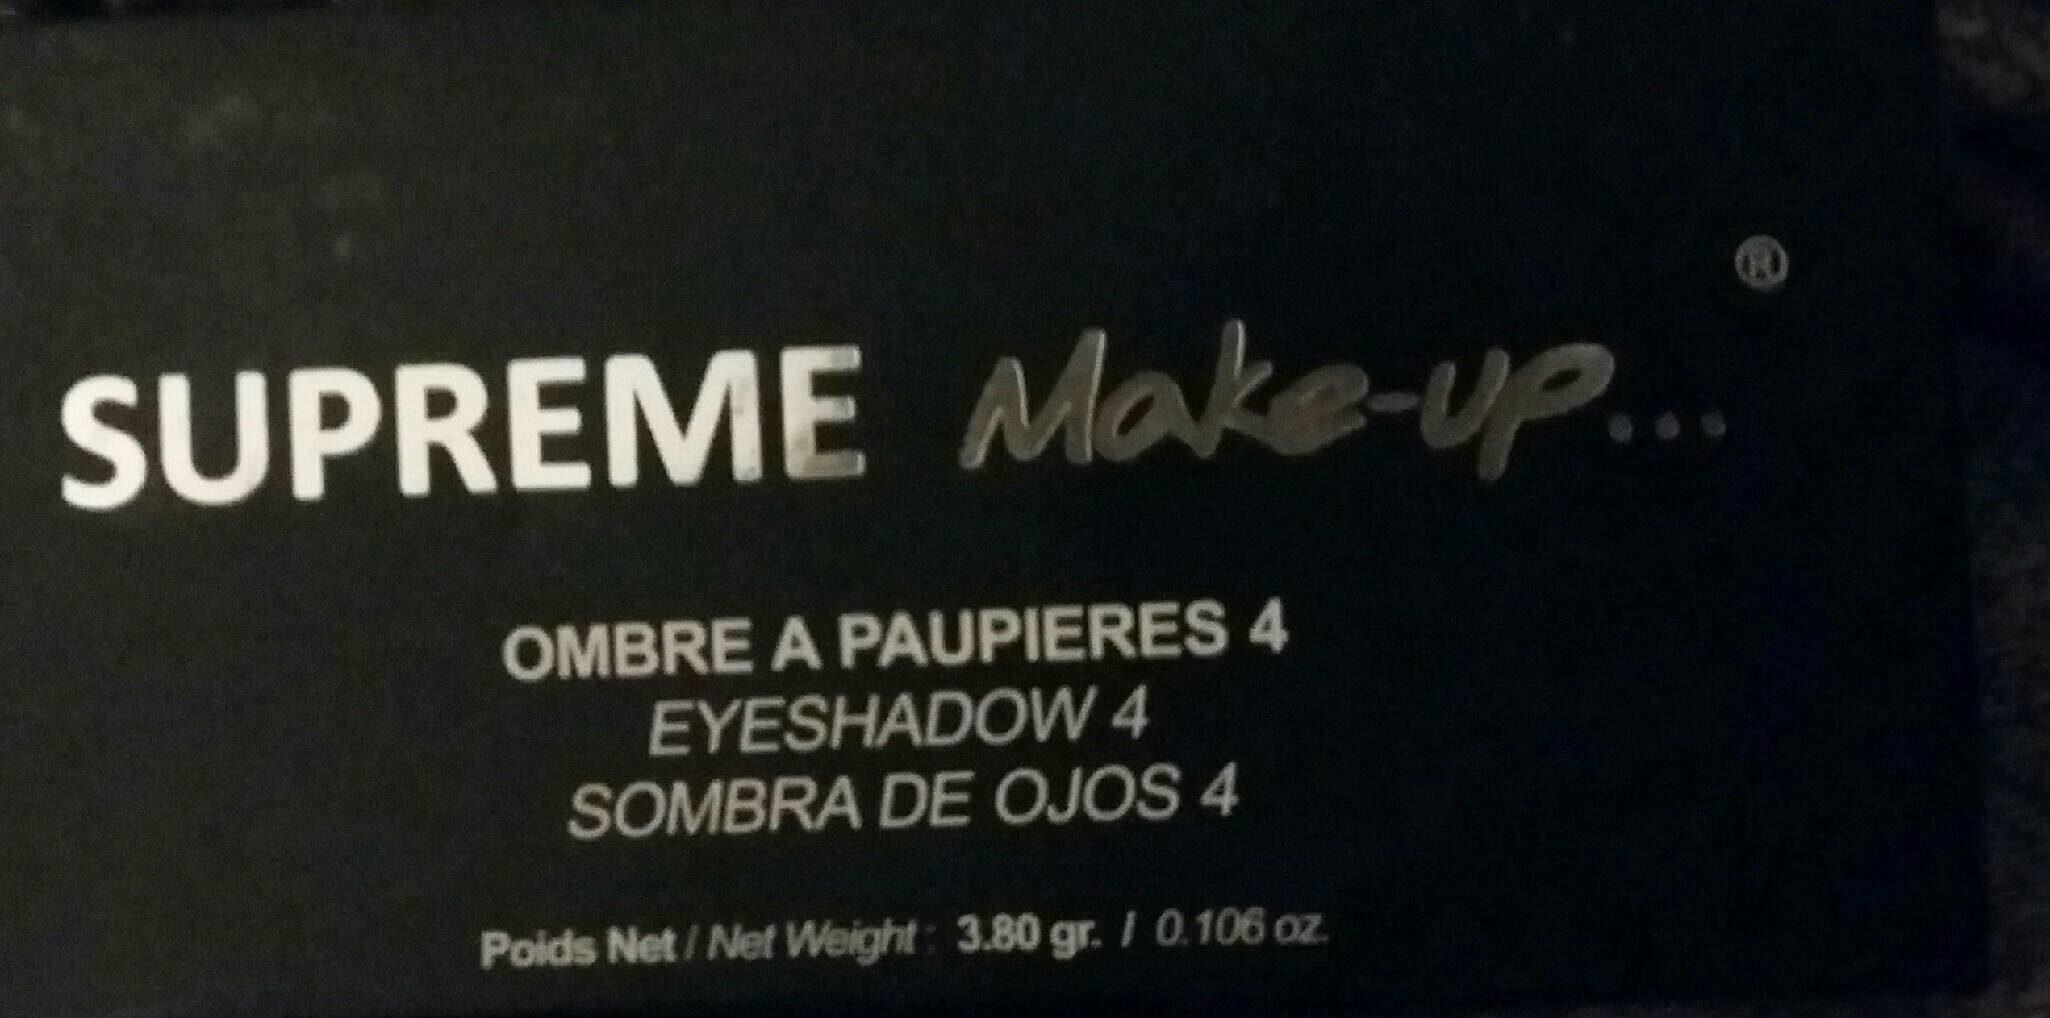 Ombre à paupières Supreme Make Up - Produit